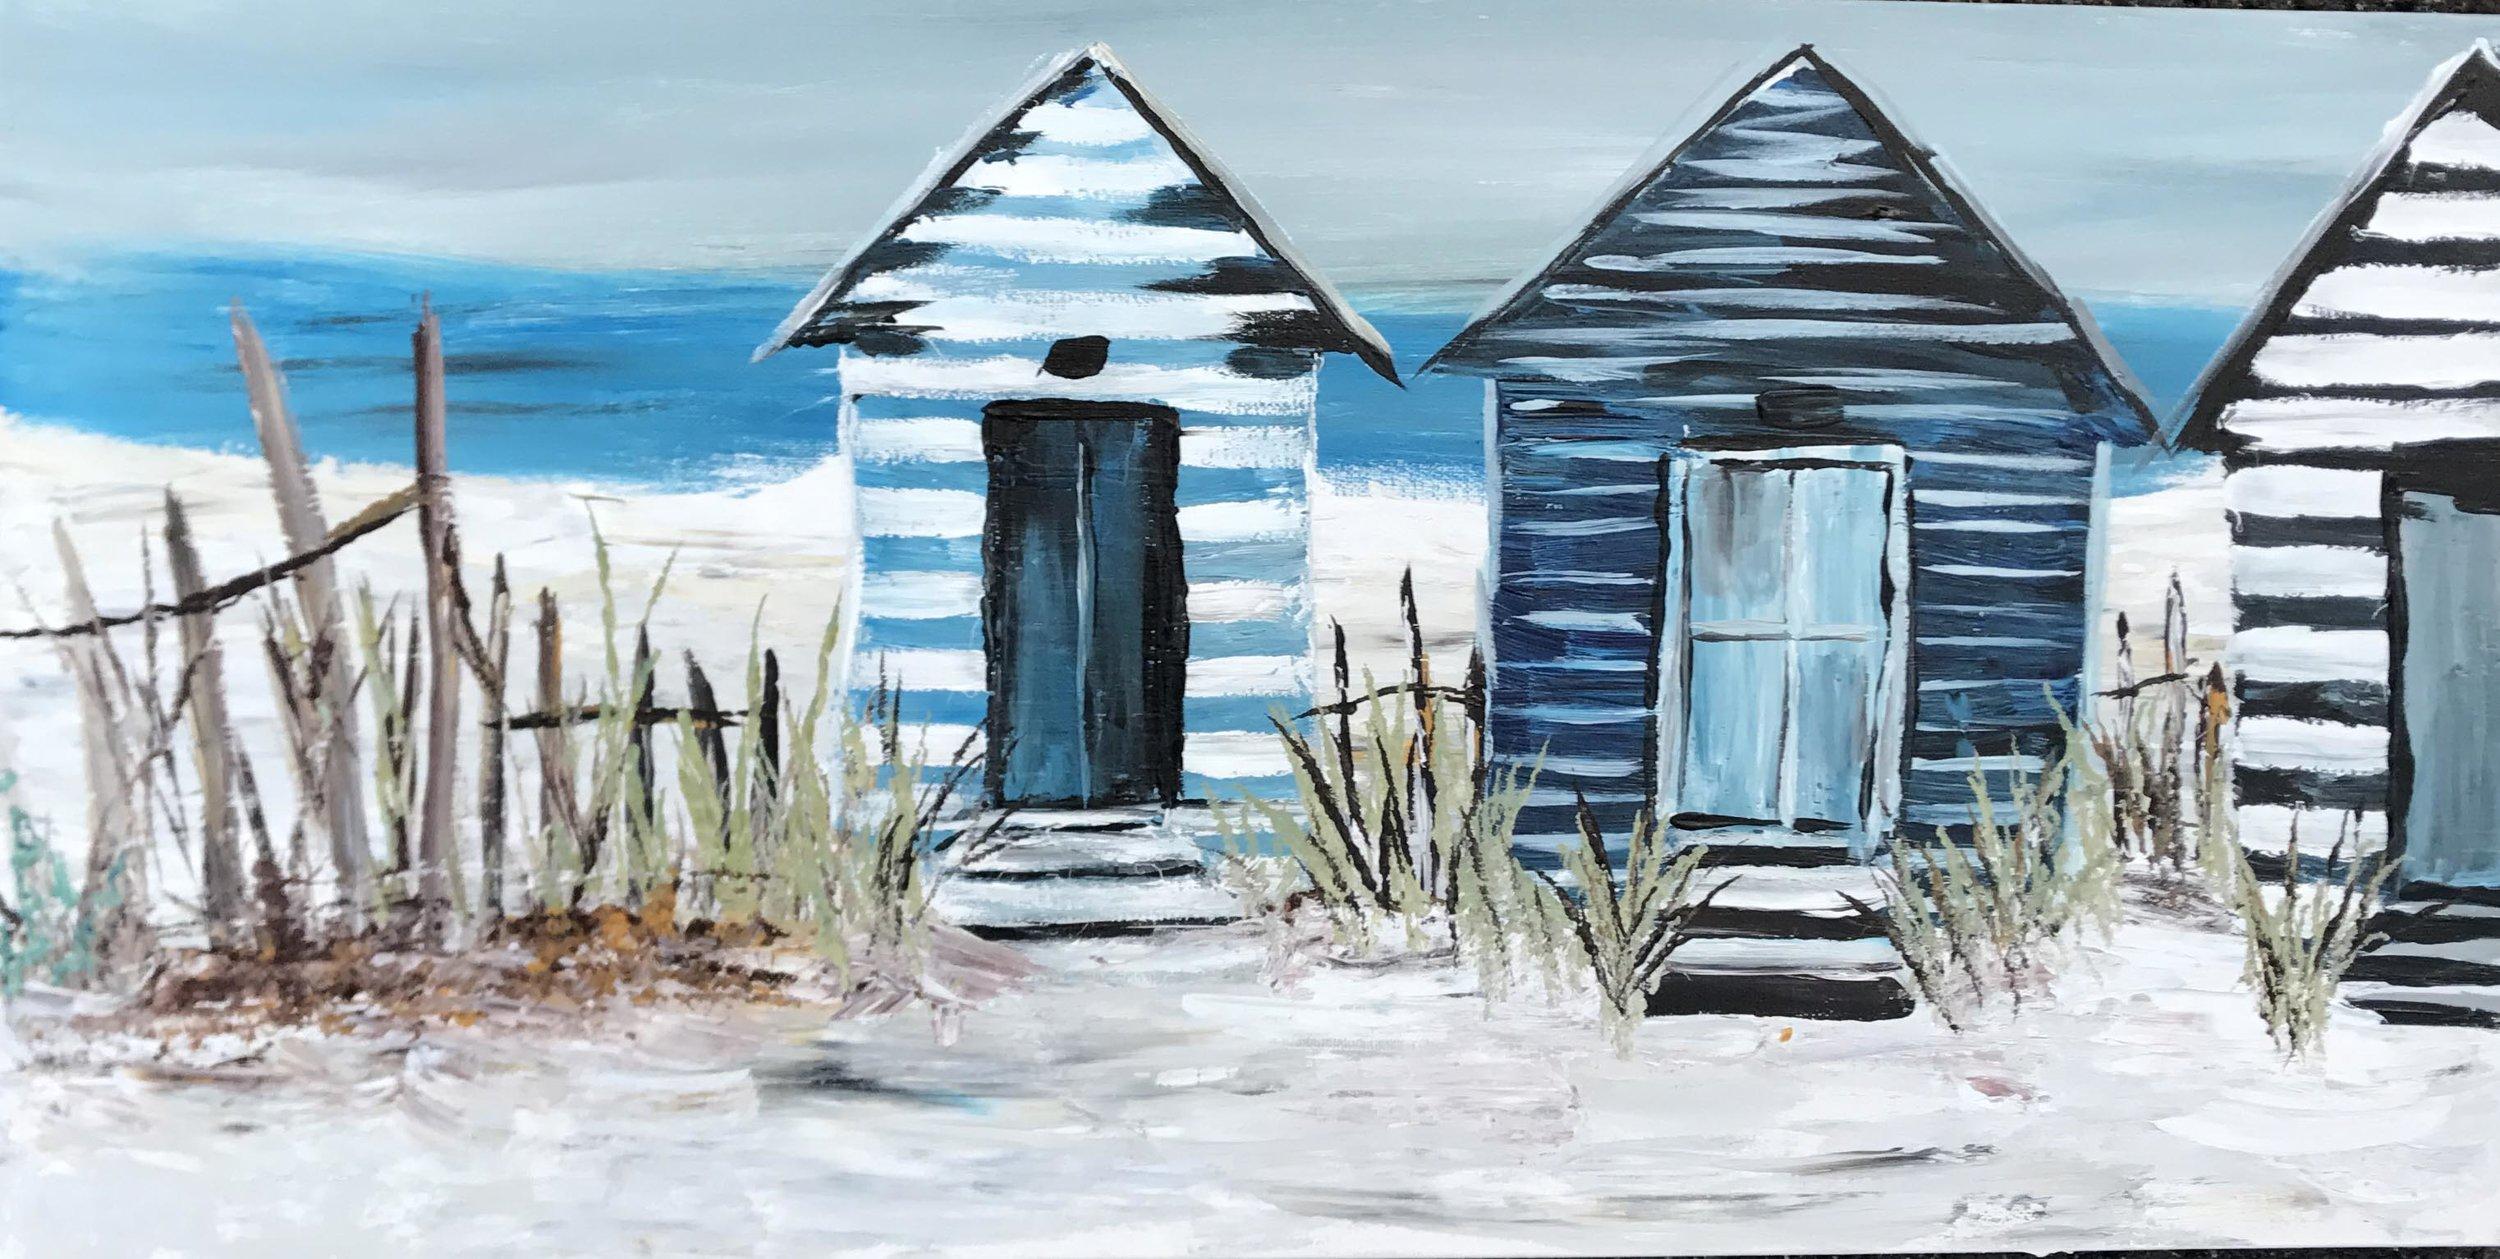 Beach Cabanas -